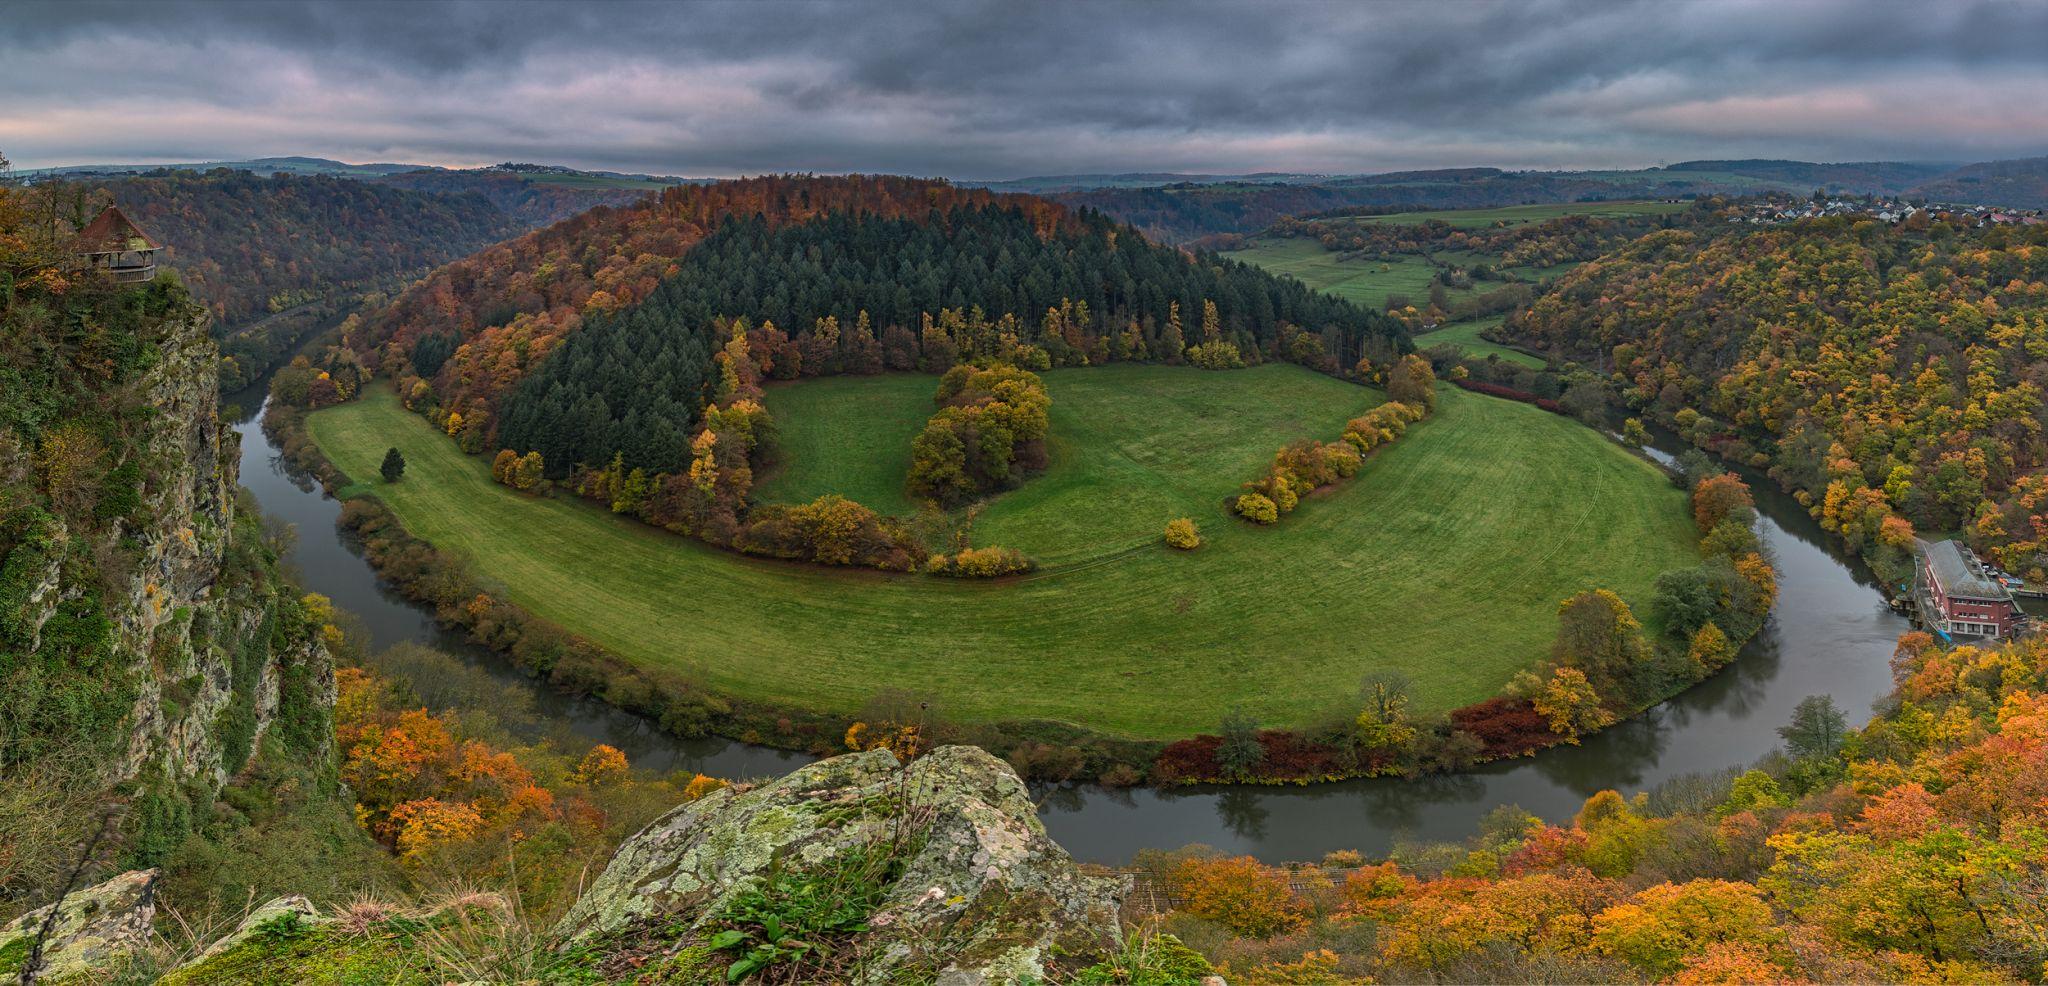 Aussichtspunkt Gabelstein, Germany